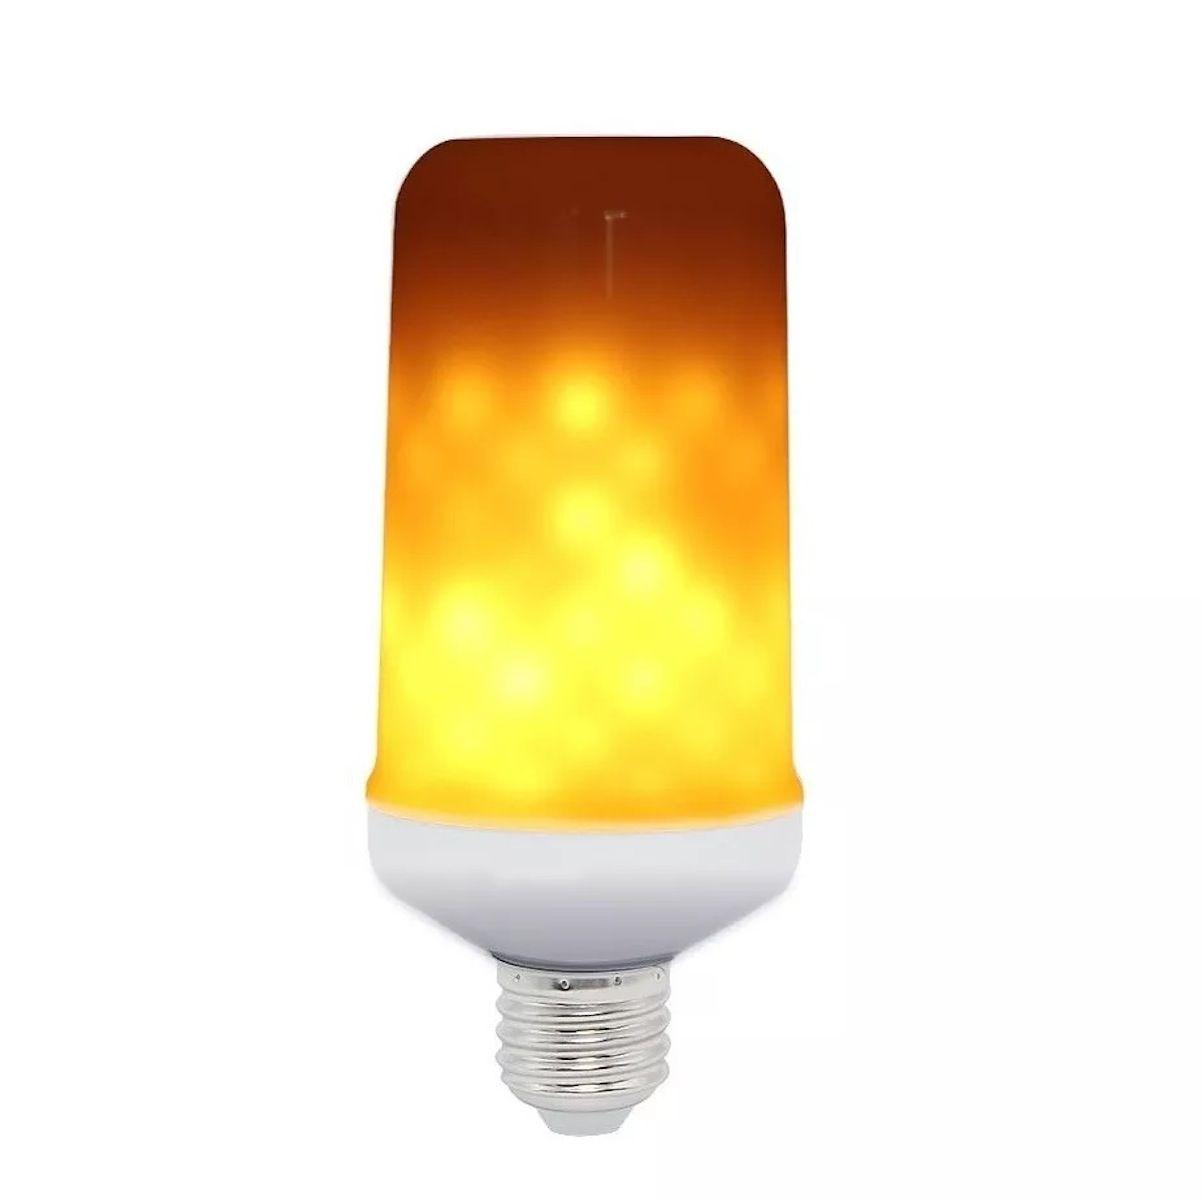 Lâmpada Led Luz Efeito Fogo Chama Cenário Fogueira decoração